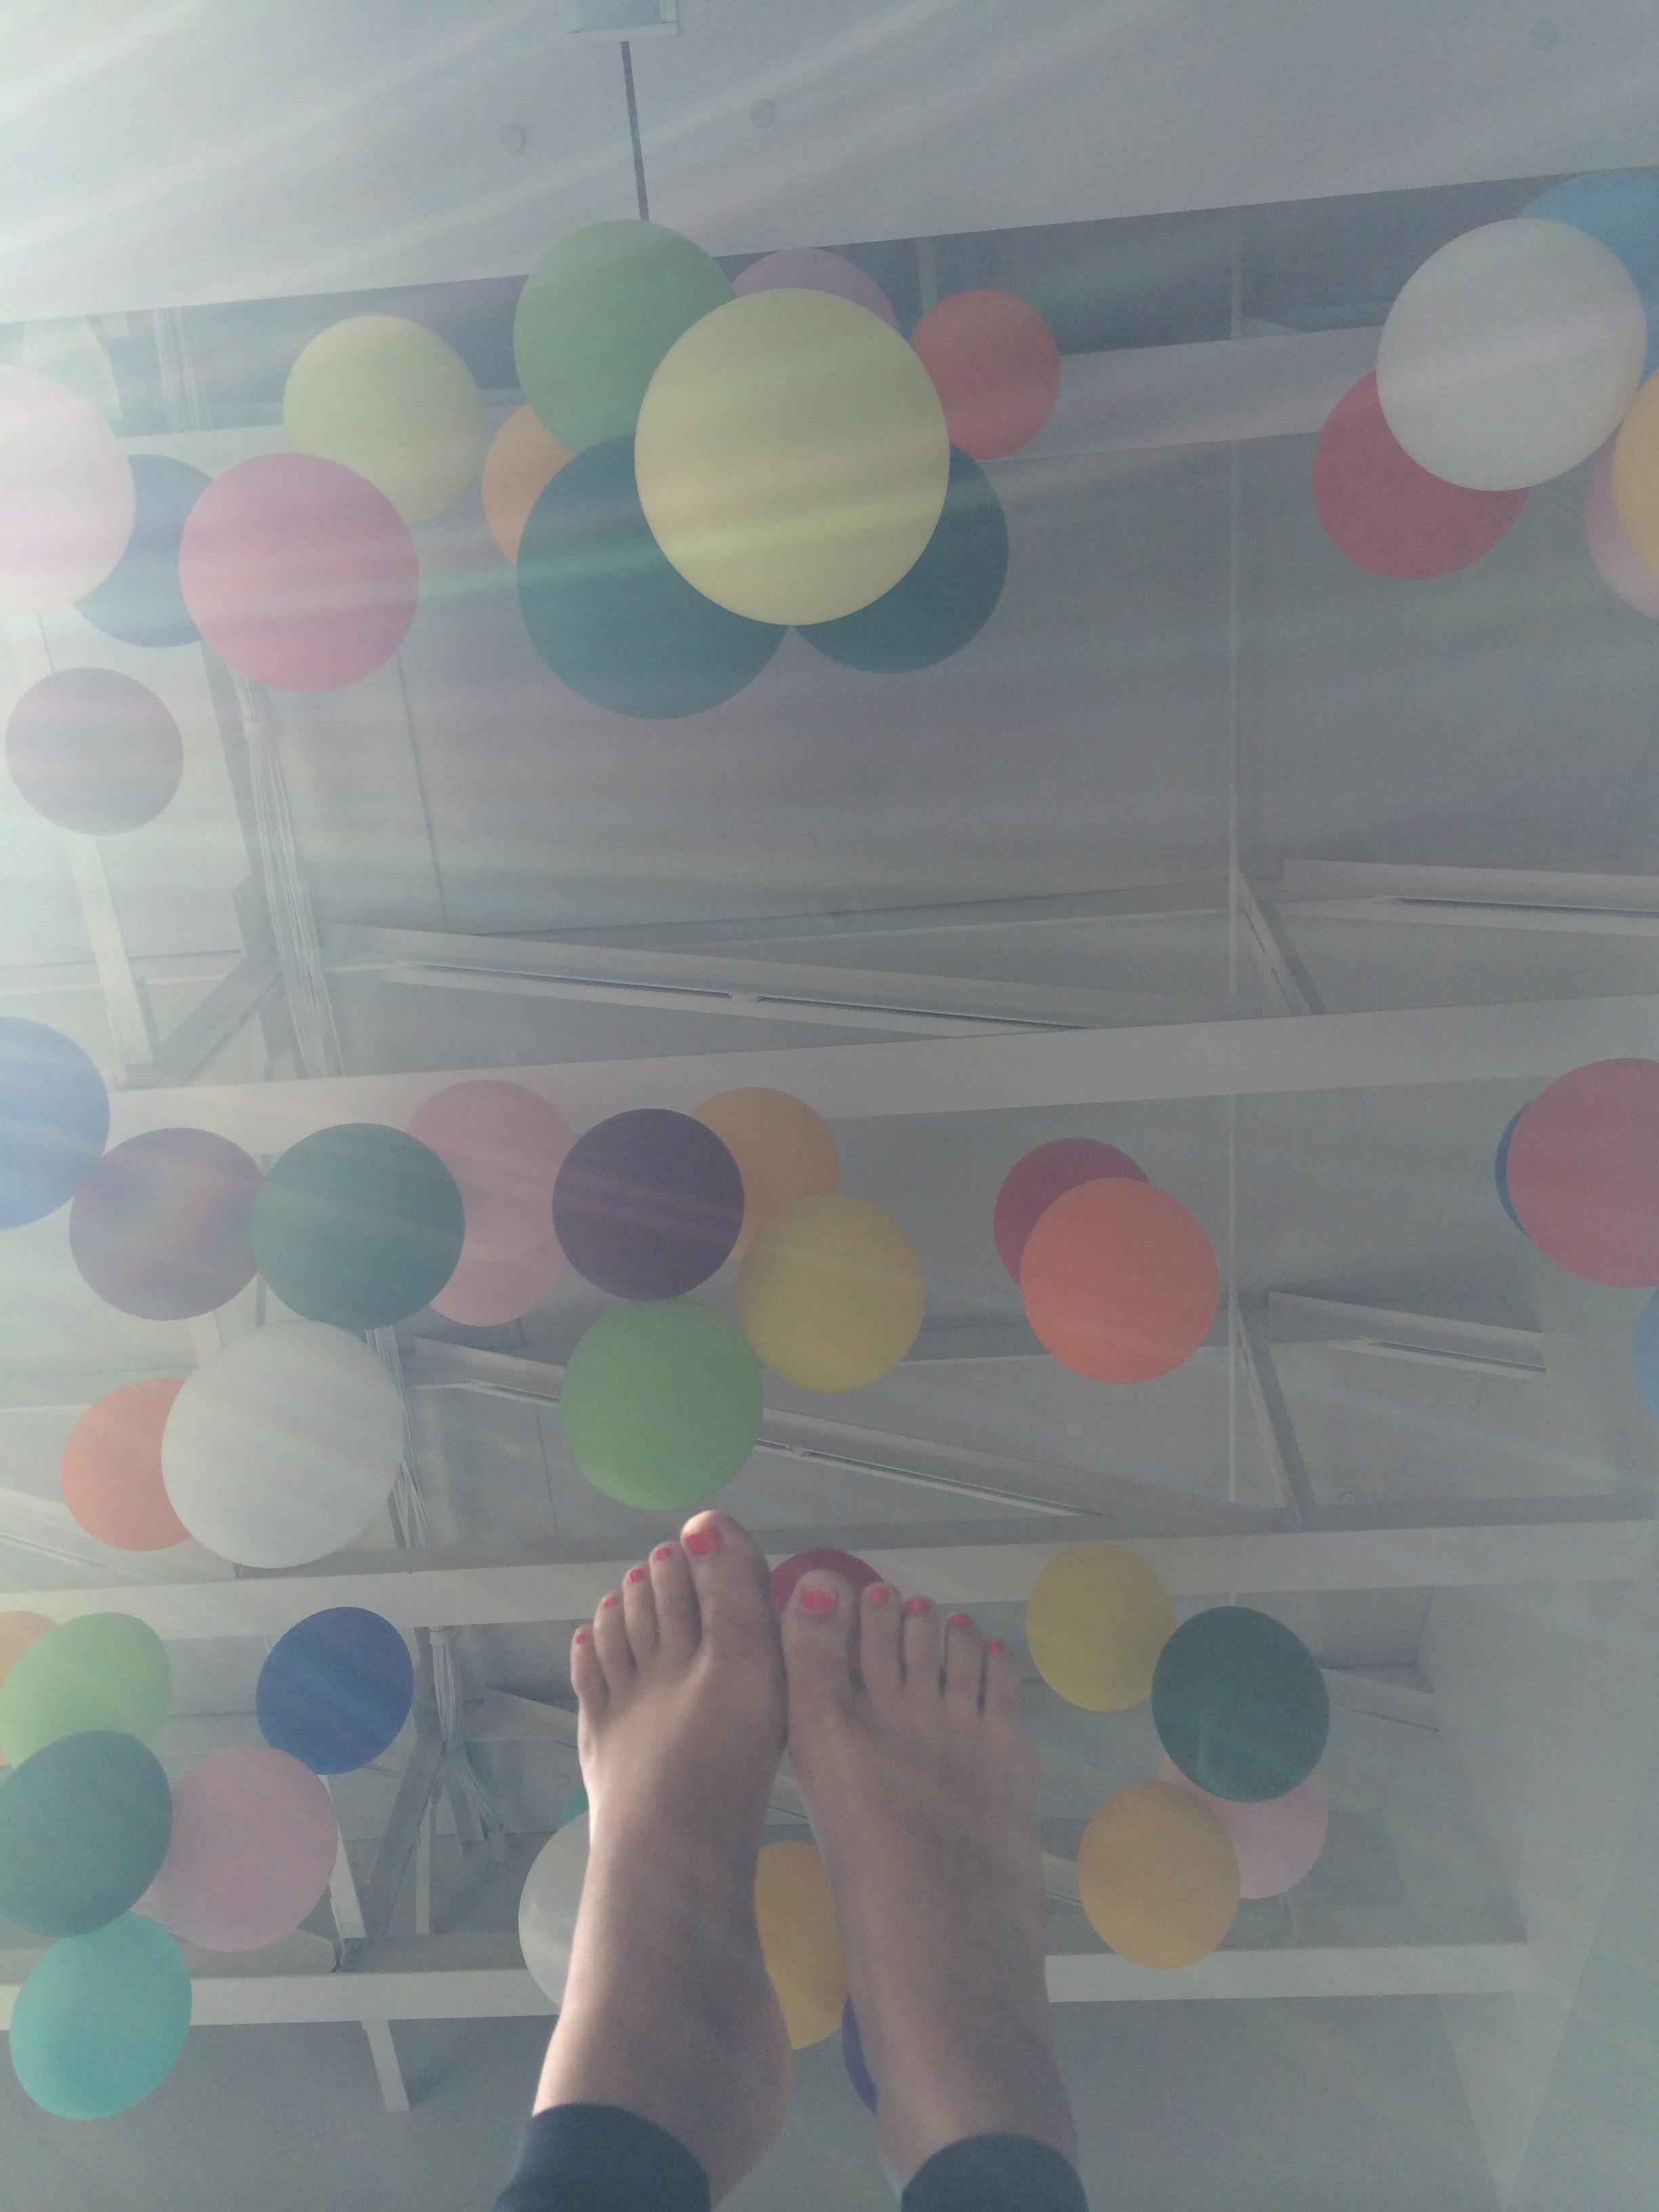 Last balloons.